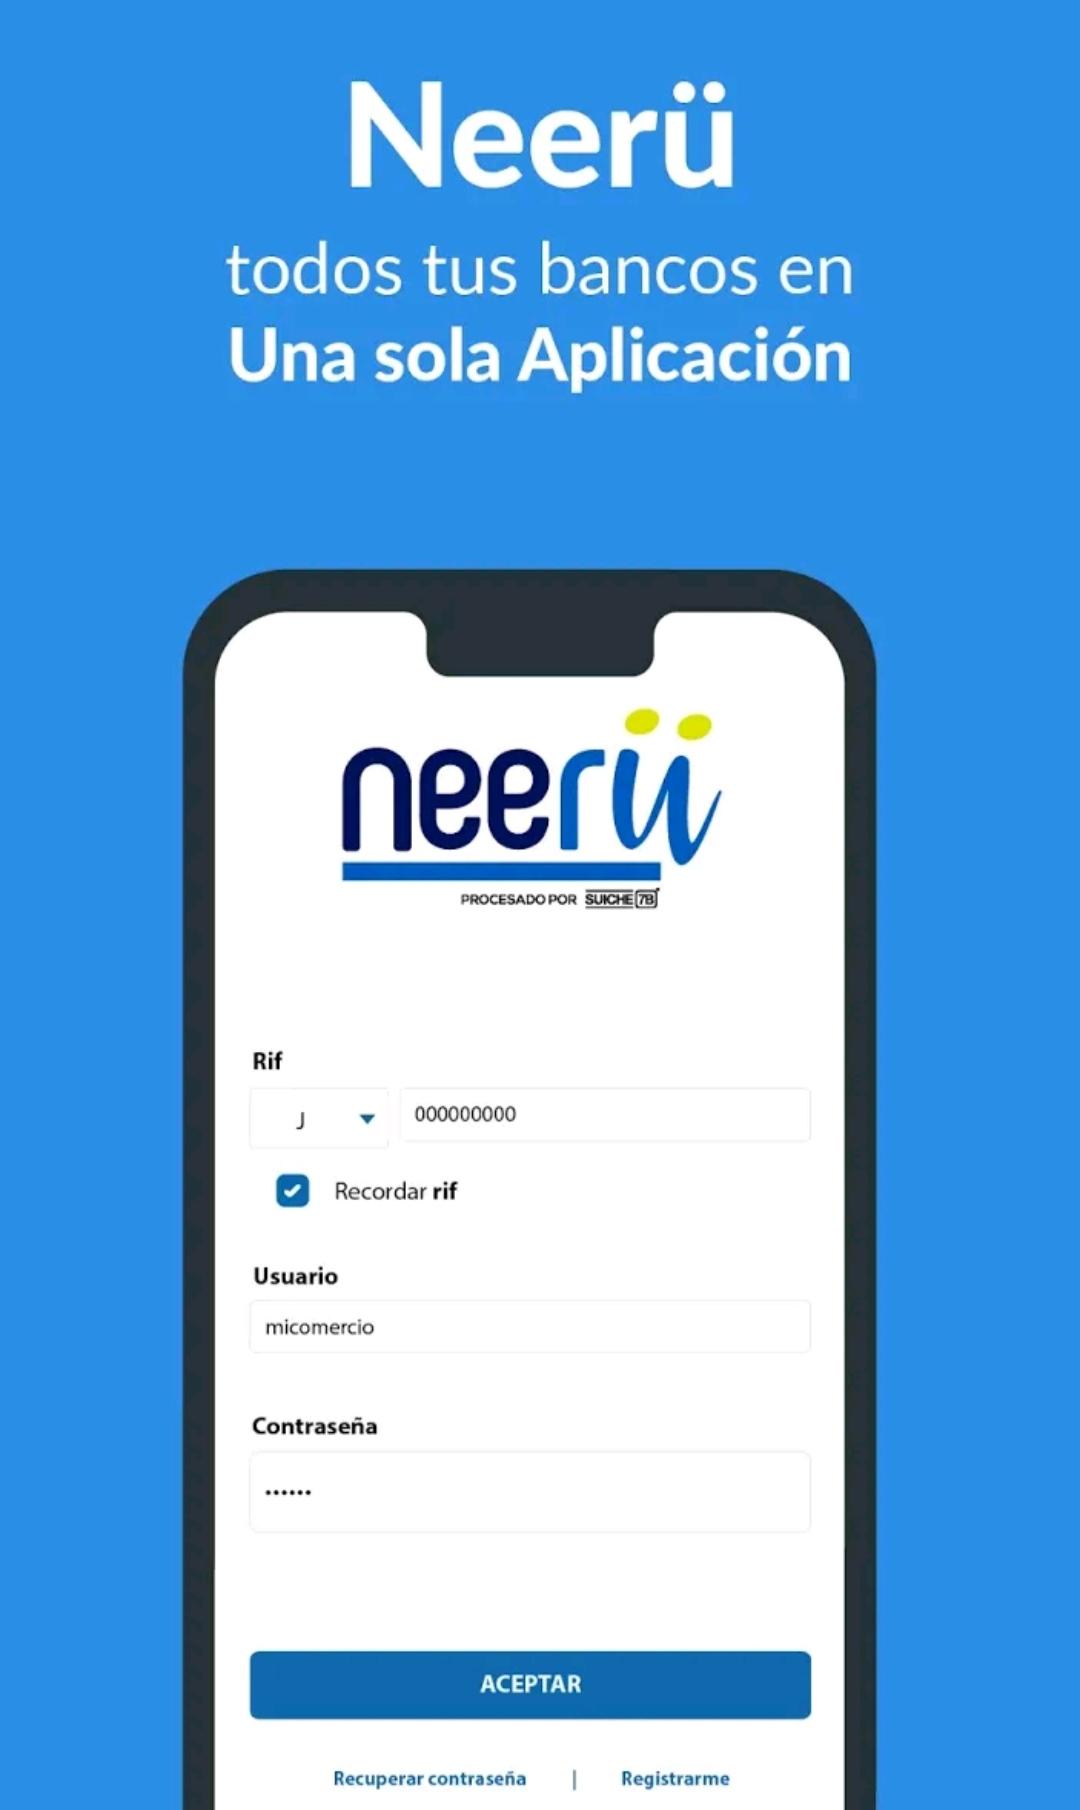 Neerü, la nueva App de pagos de Suiche 7B que representa una alternativa  para los comercios - CURADAS ©